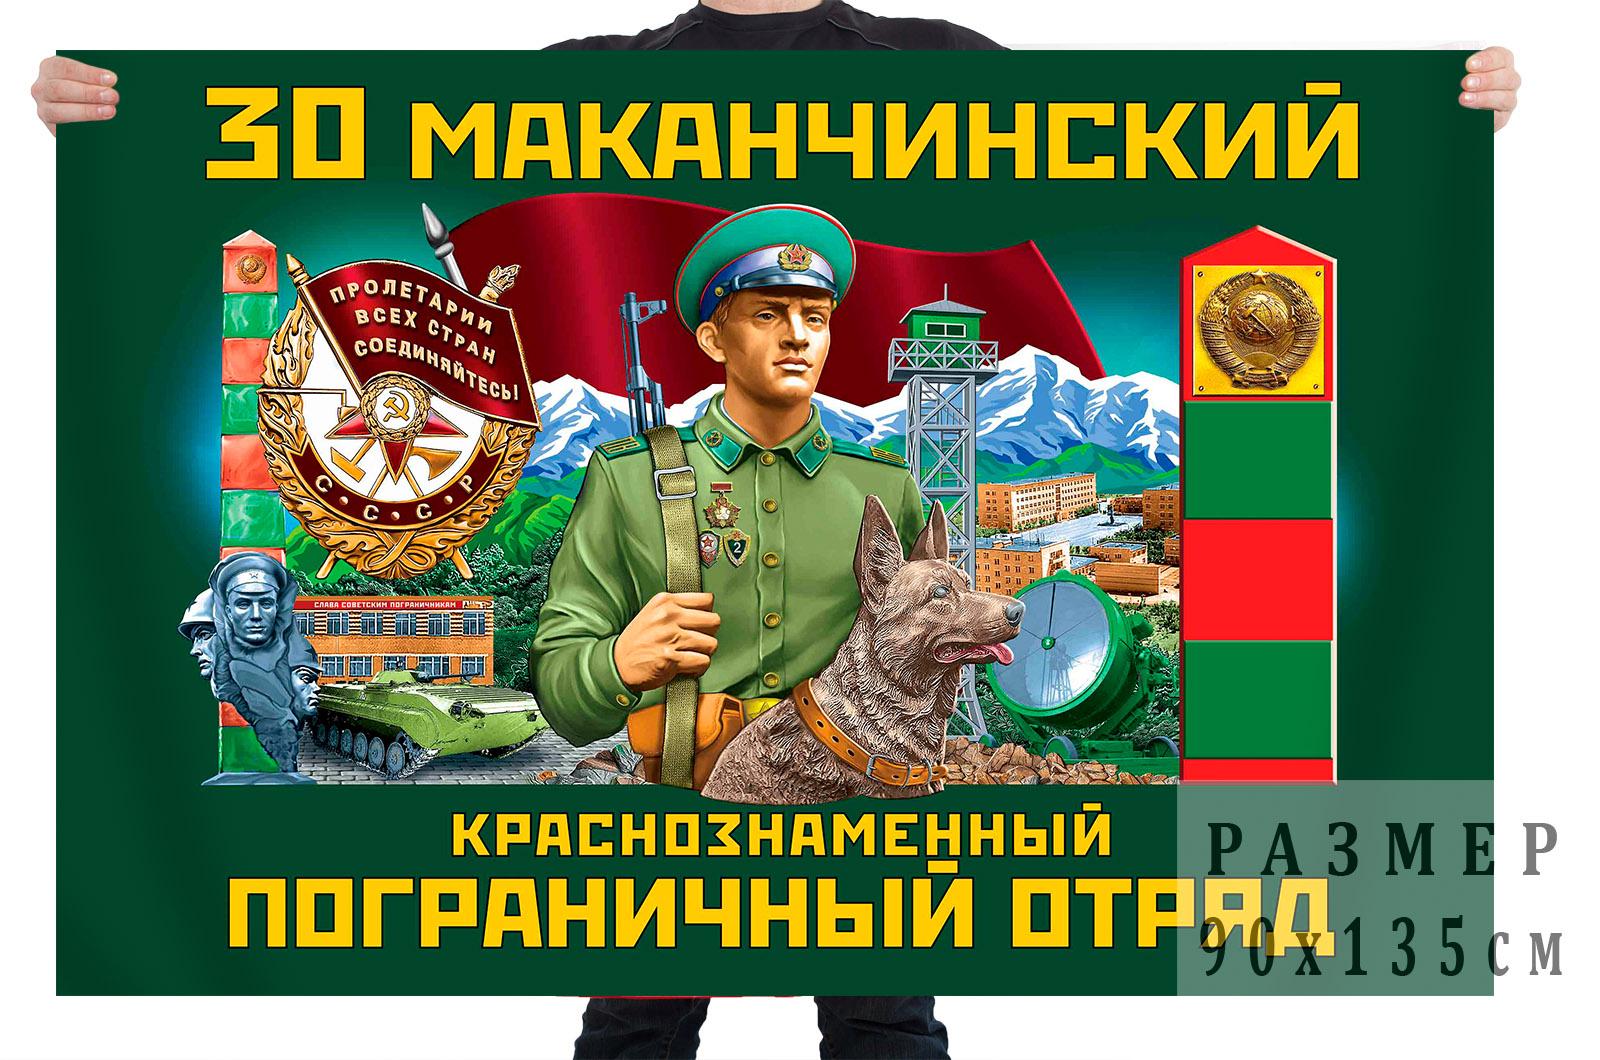 Флаг 30 Маканчинский Краснознамённый пограничный отряд